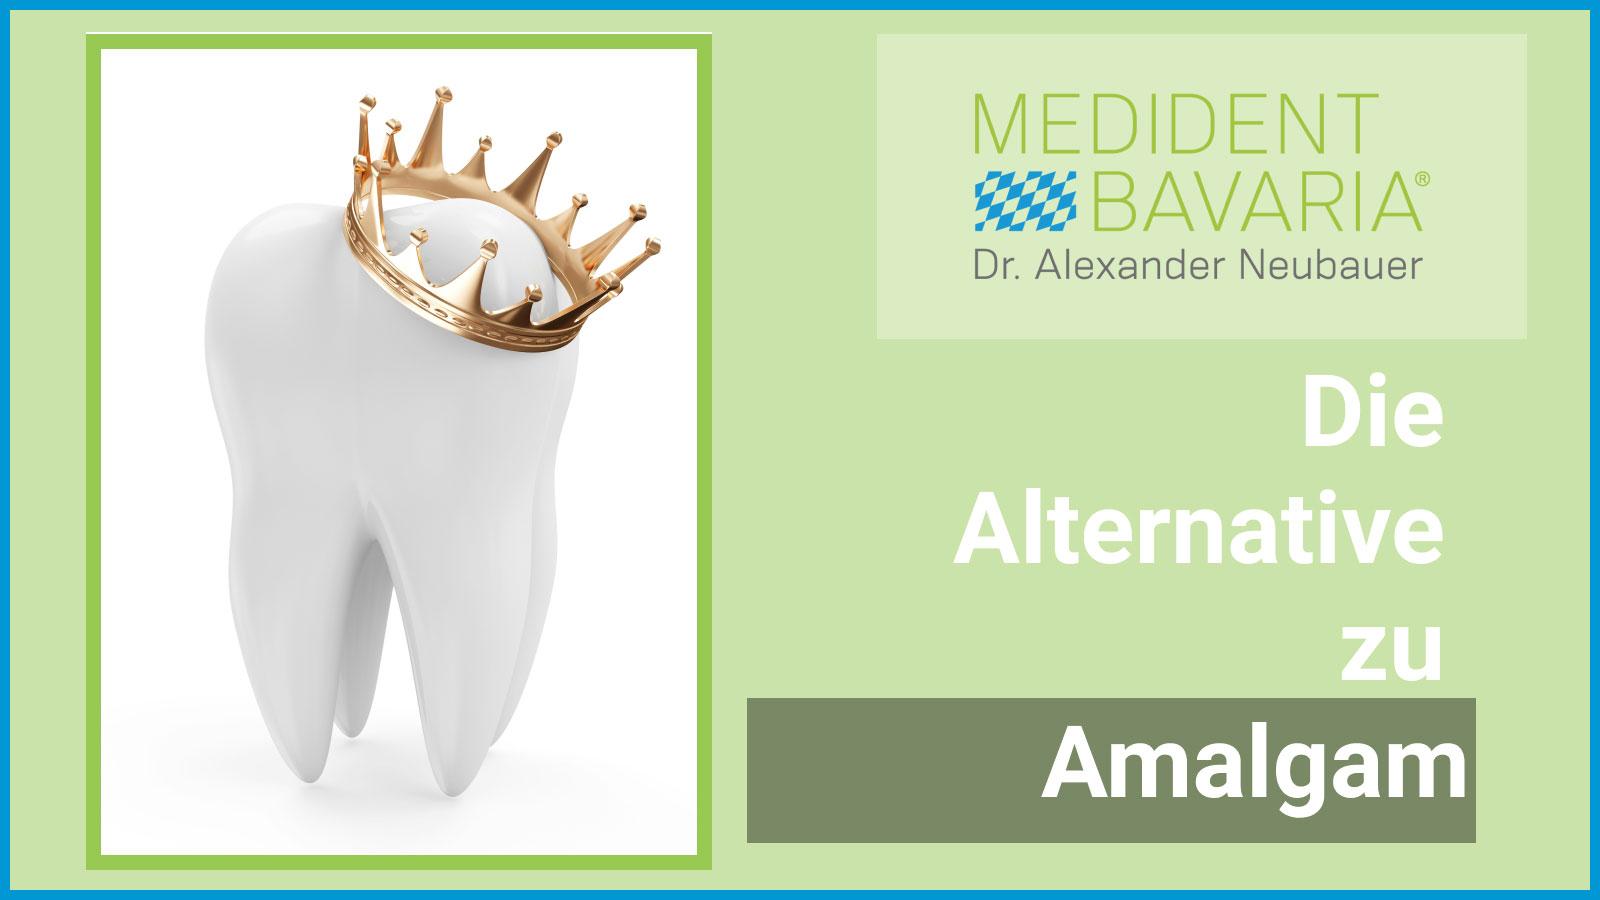 Alternativen zu Amalgam - weiß und gesund, statt schwarz und giftig!